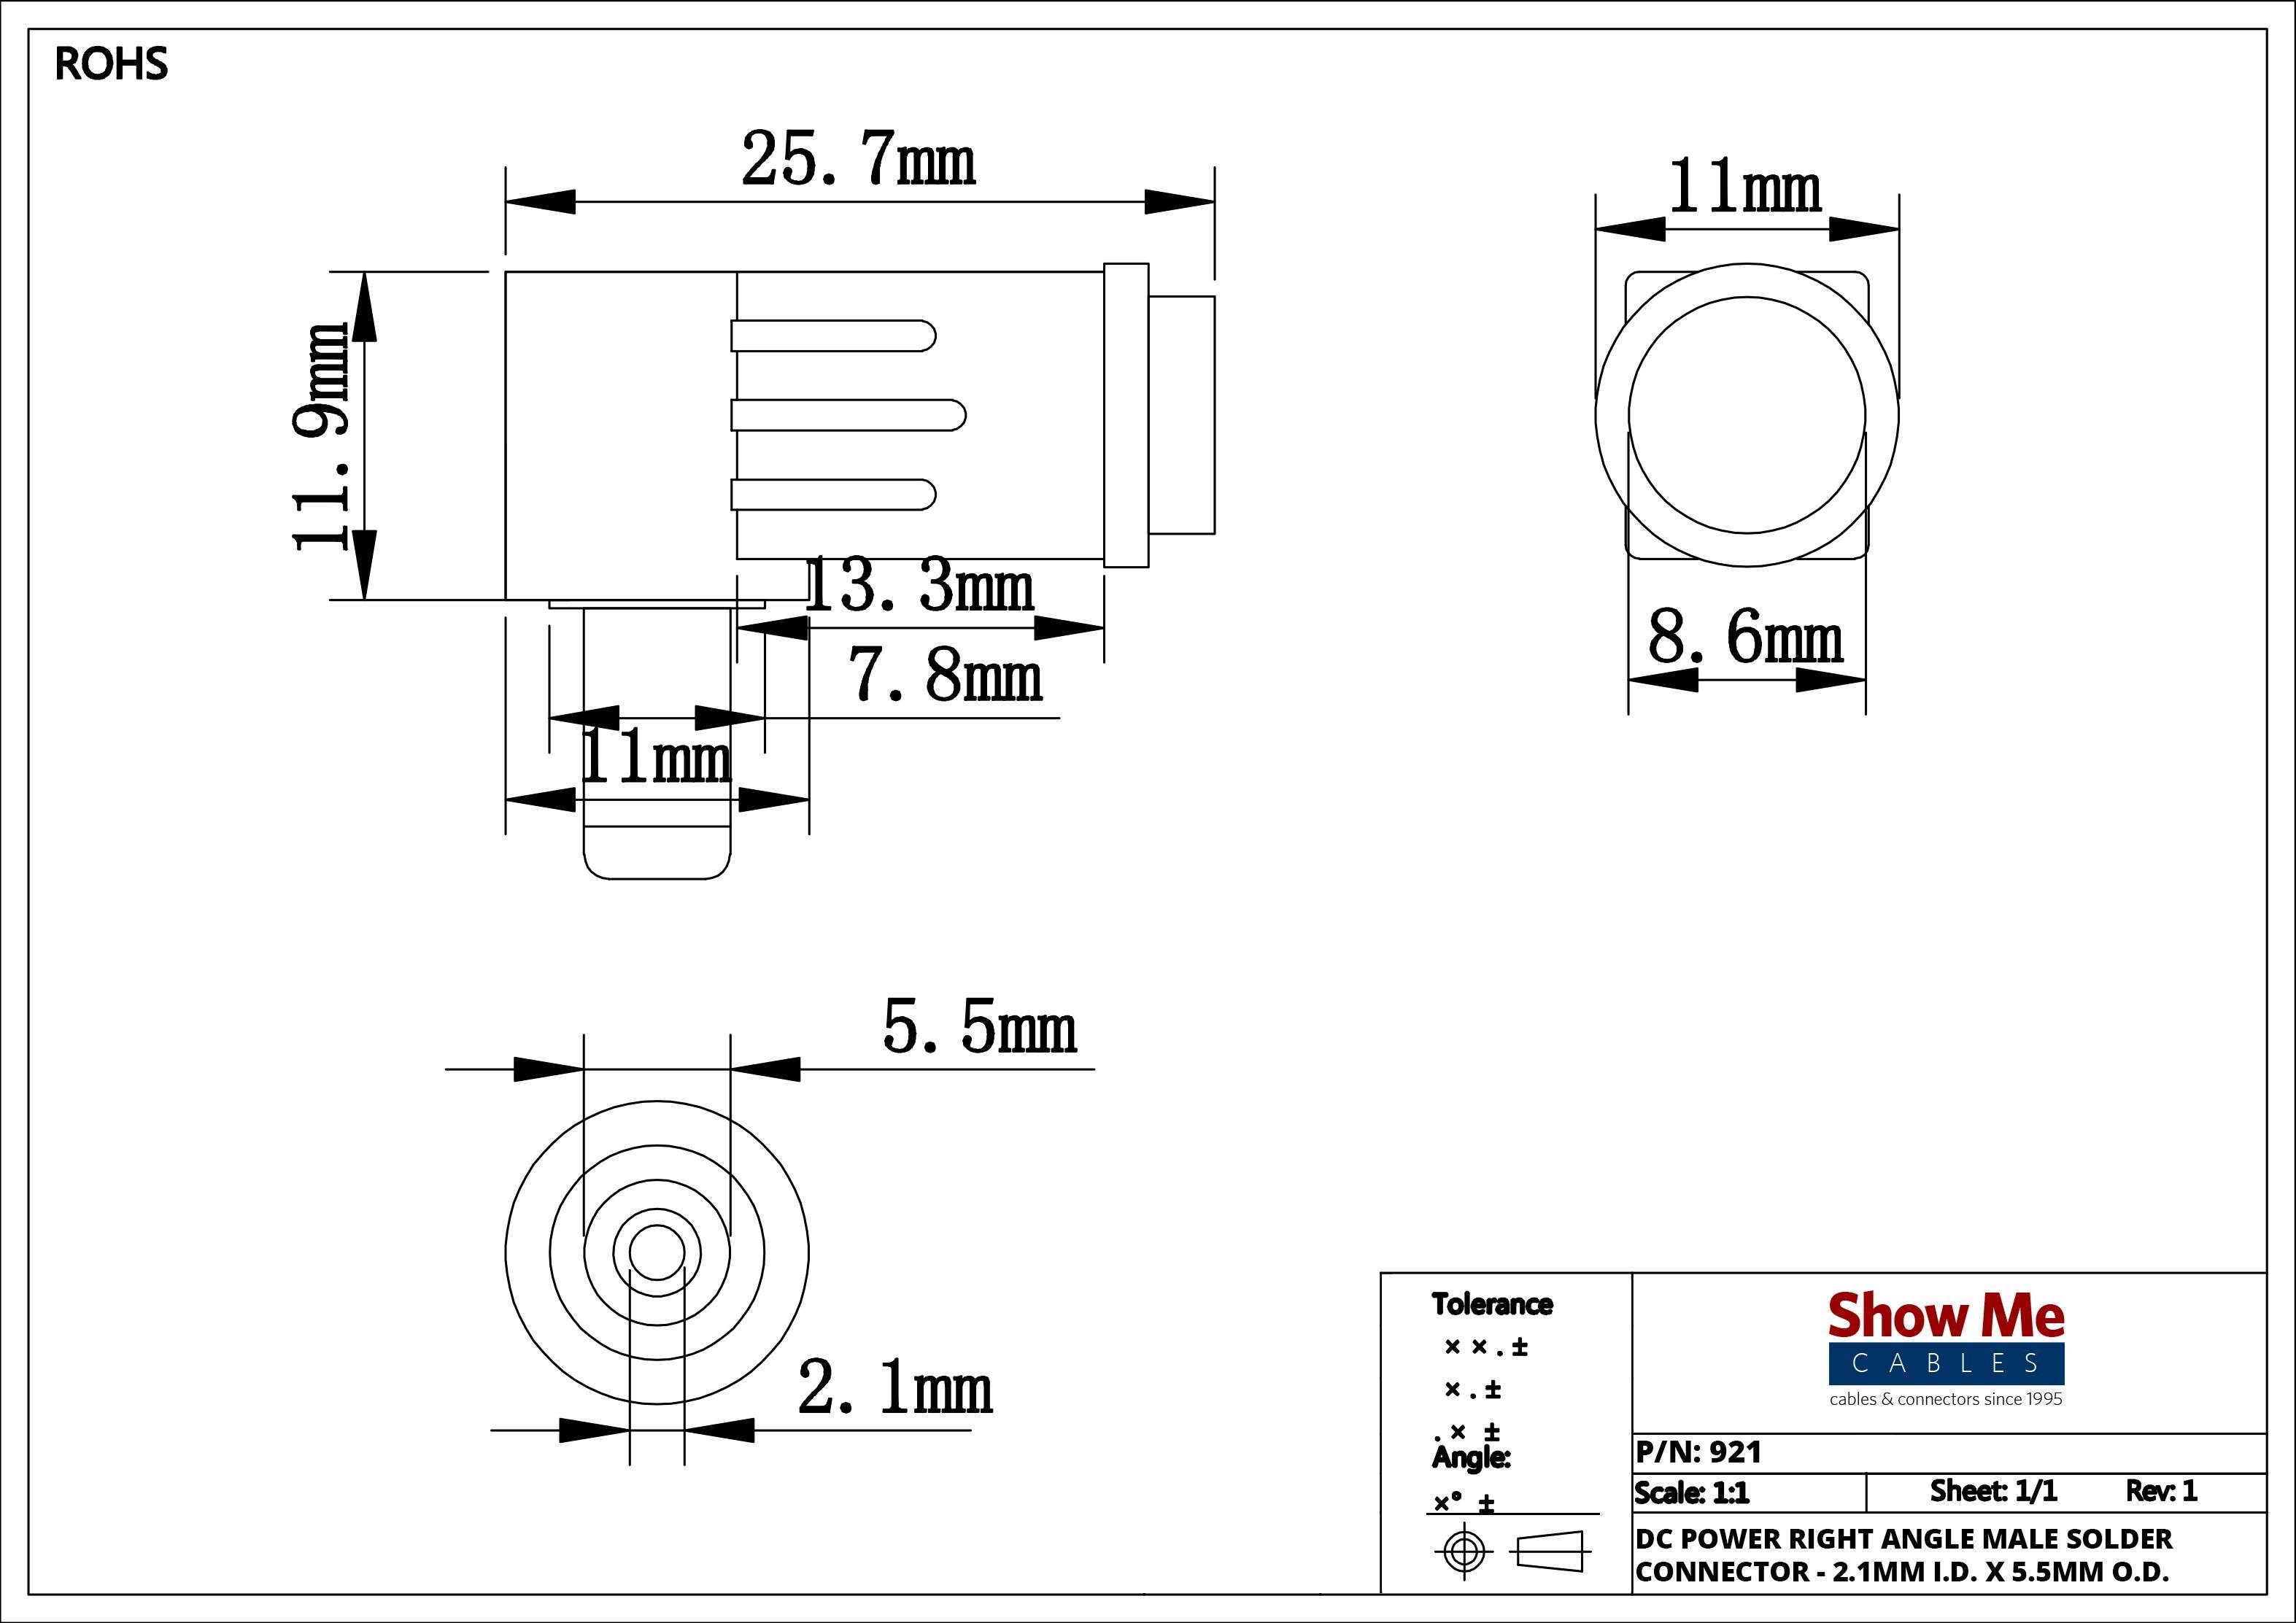 3.5mm Jack Wiring Diagram Inspirational | Wiring Diagram Image